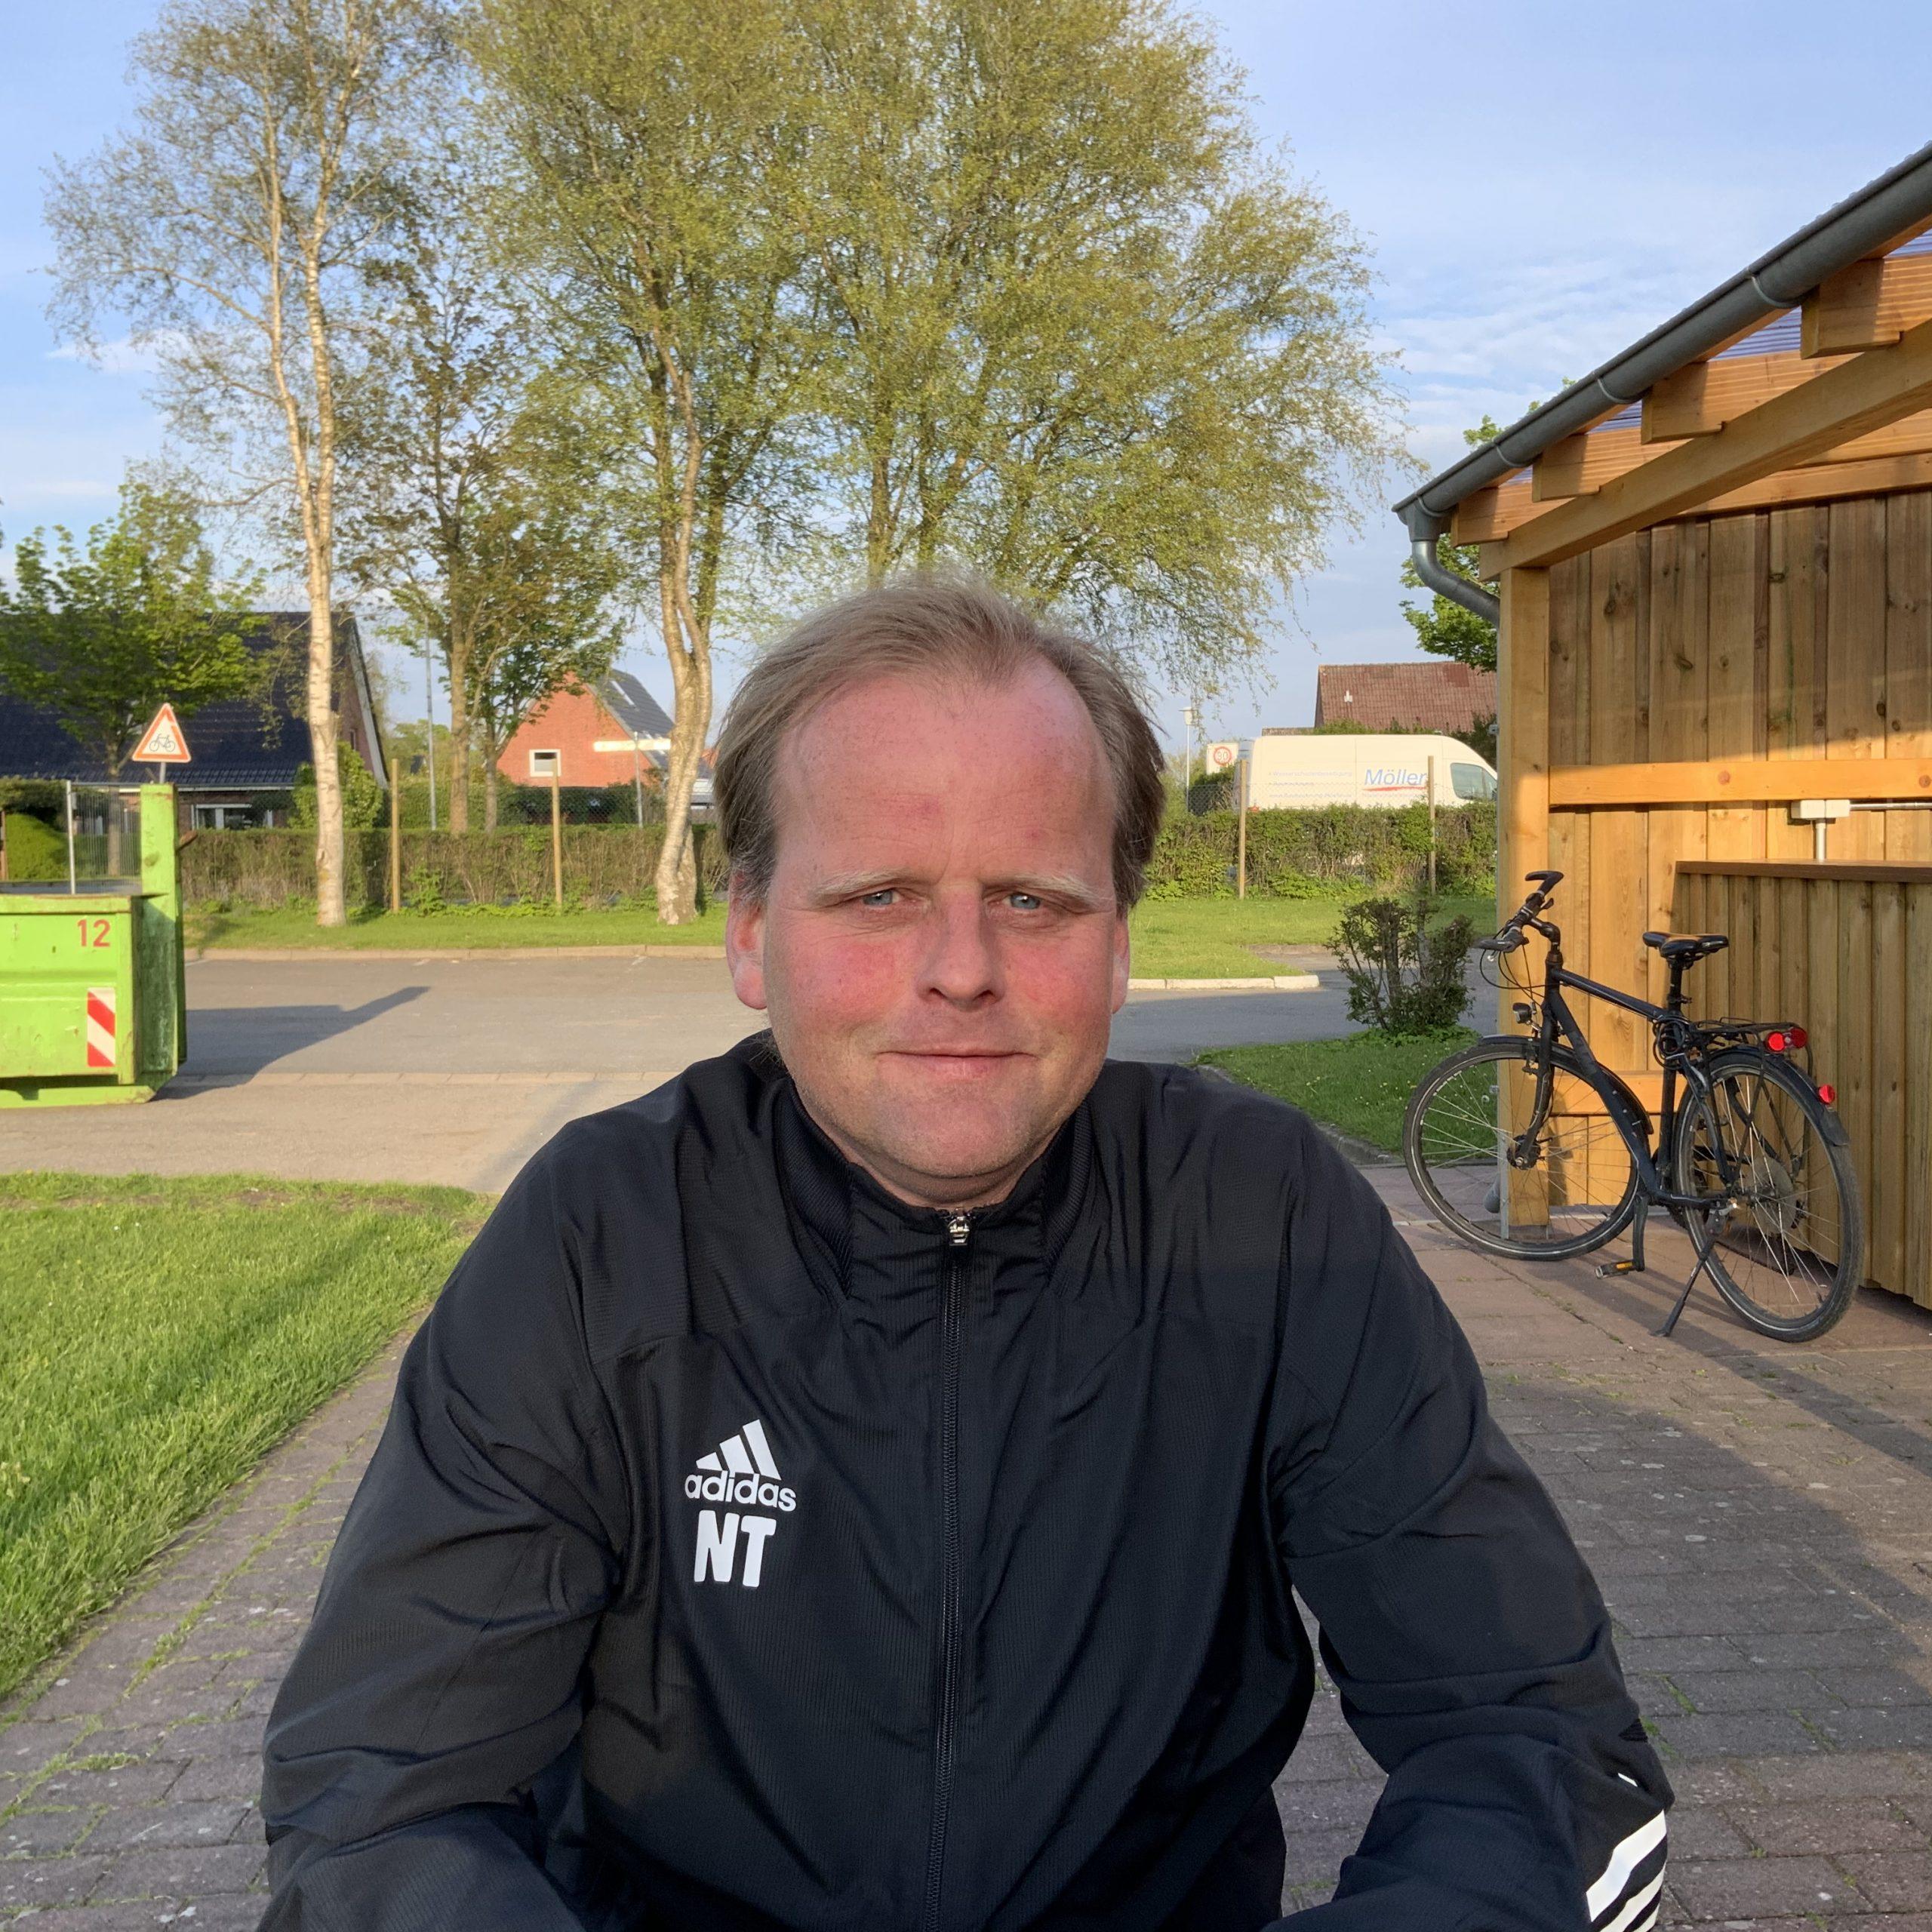 Nils Tolk